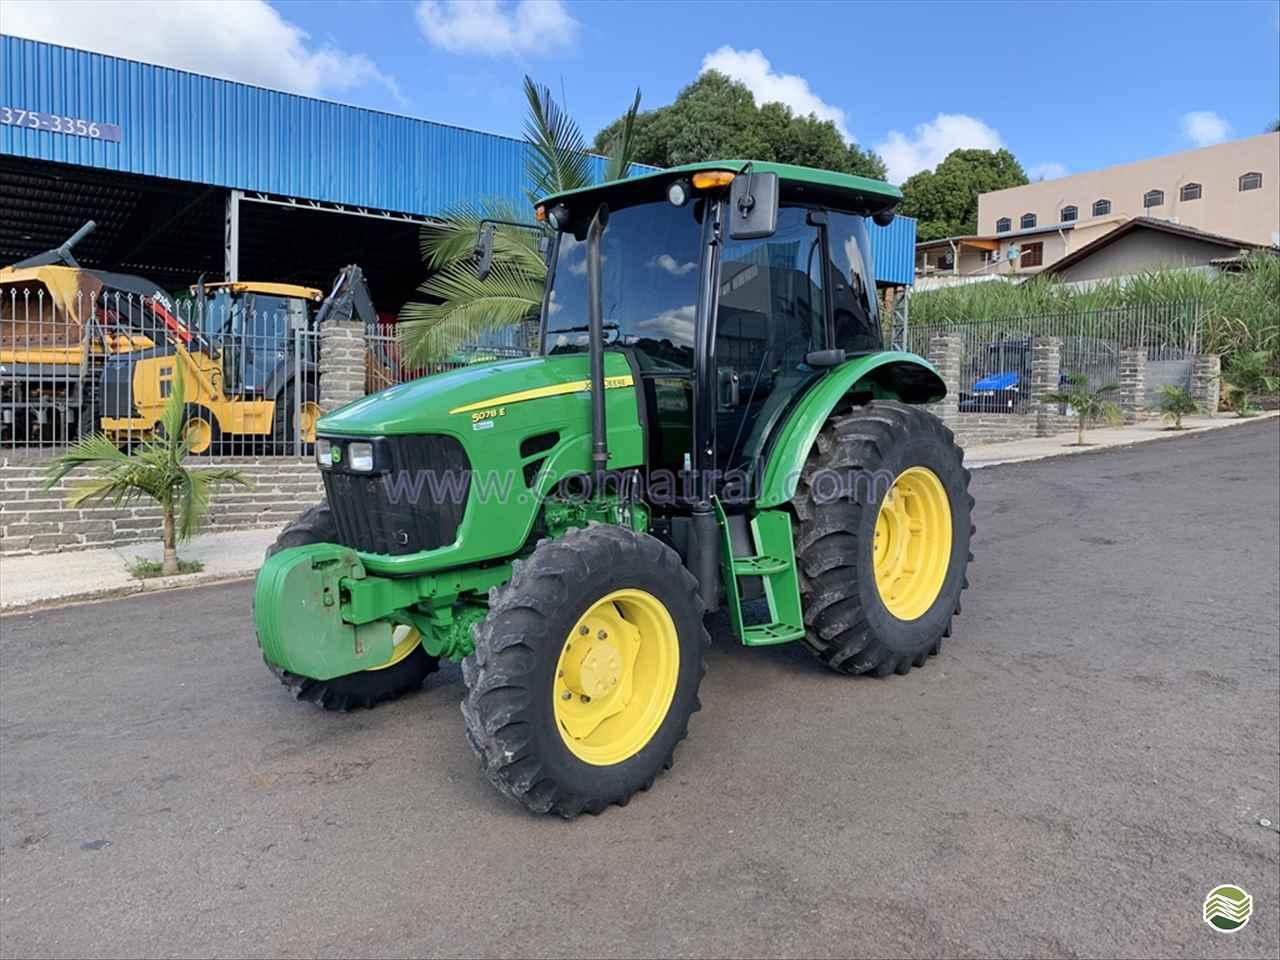 TRATOR JOHN DEERE JOHN DEERE 5078 Tração 4x4 Comatral Caminhões e Máquinas Agrícolas PANAMBI RIO GRANDE DO SUL RS